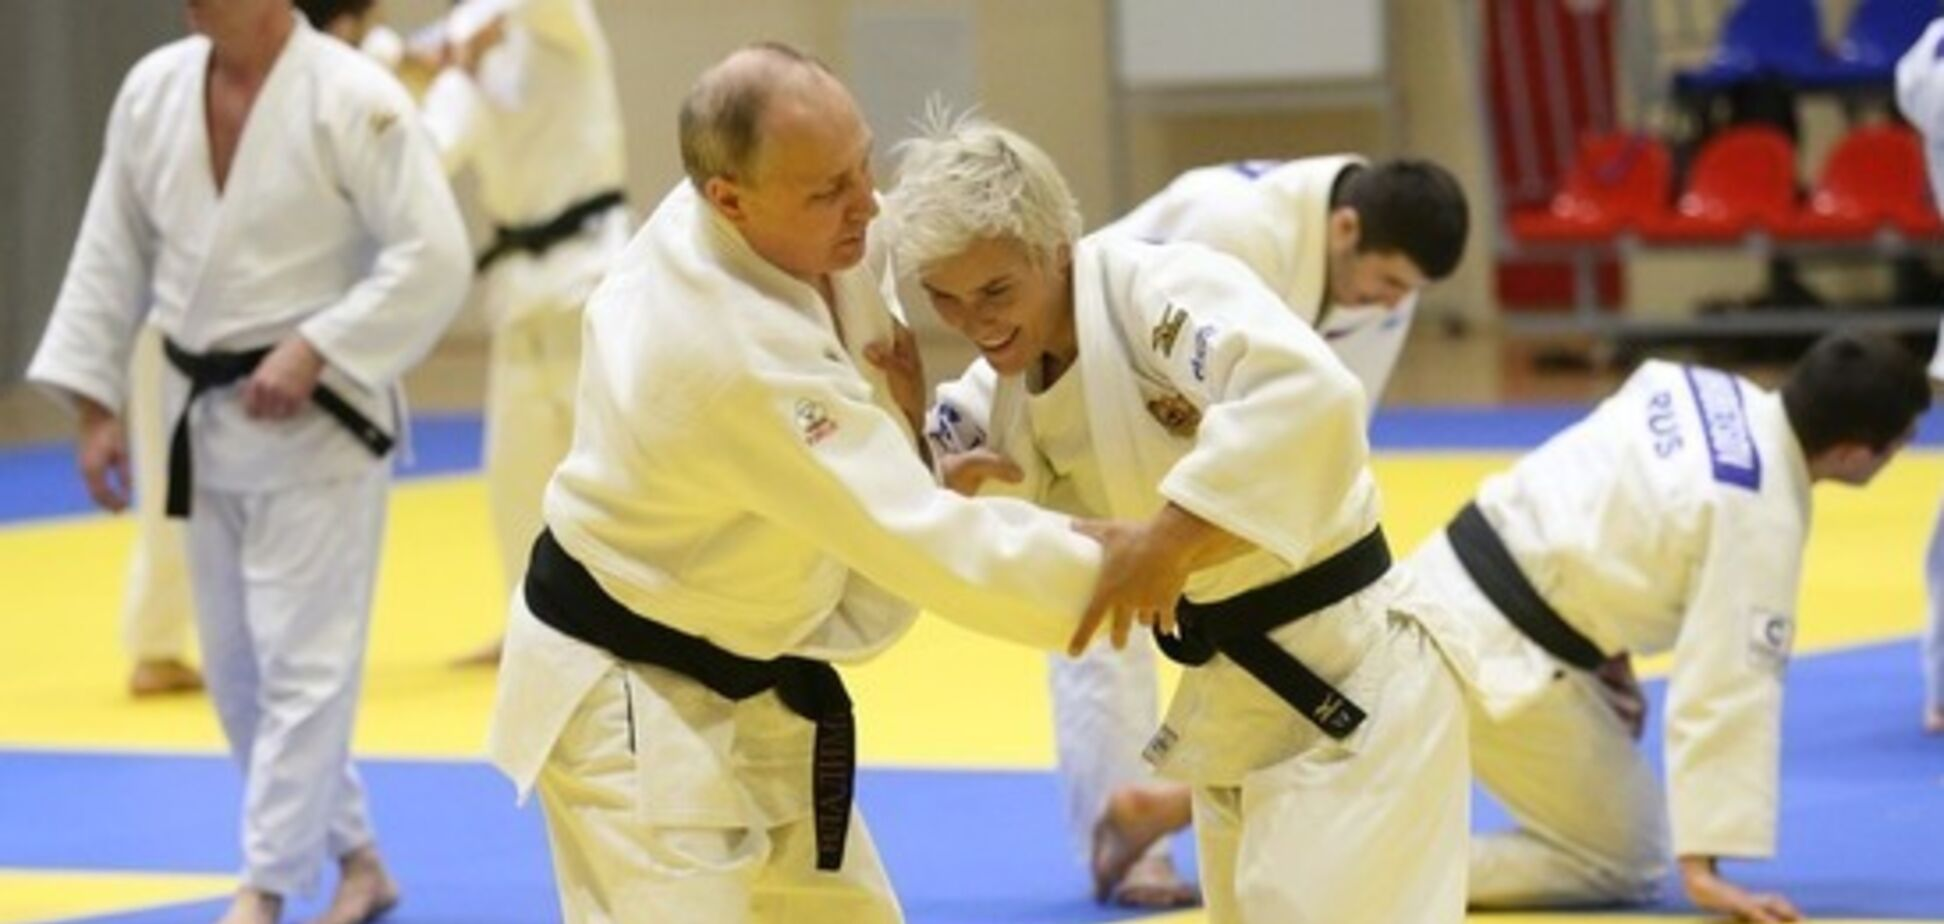 Путин проиграл бой женщине и полез целоваться: фото спортсменки